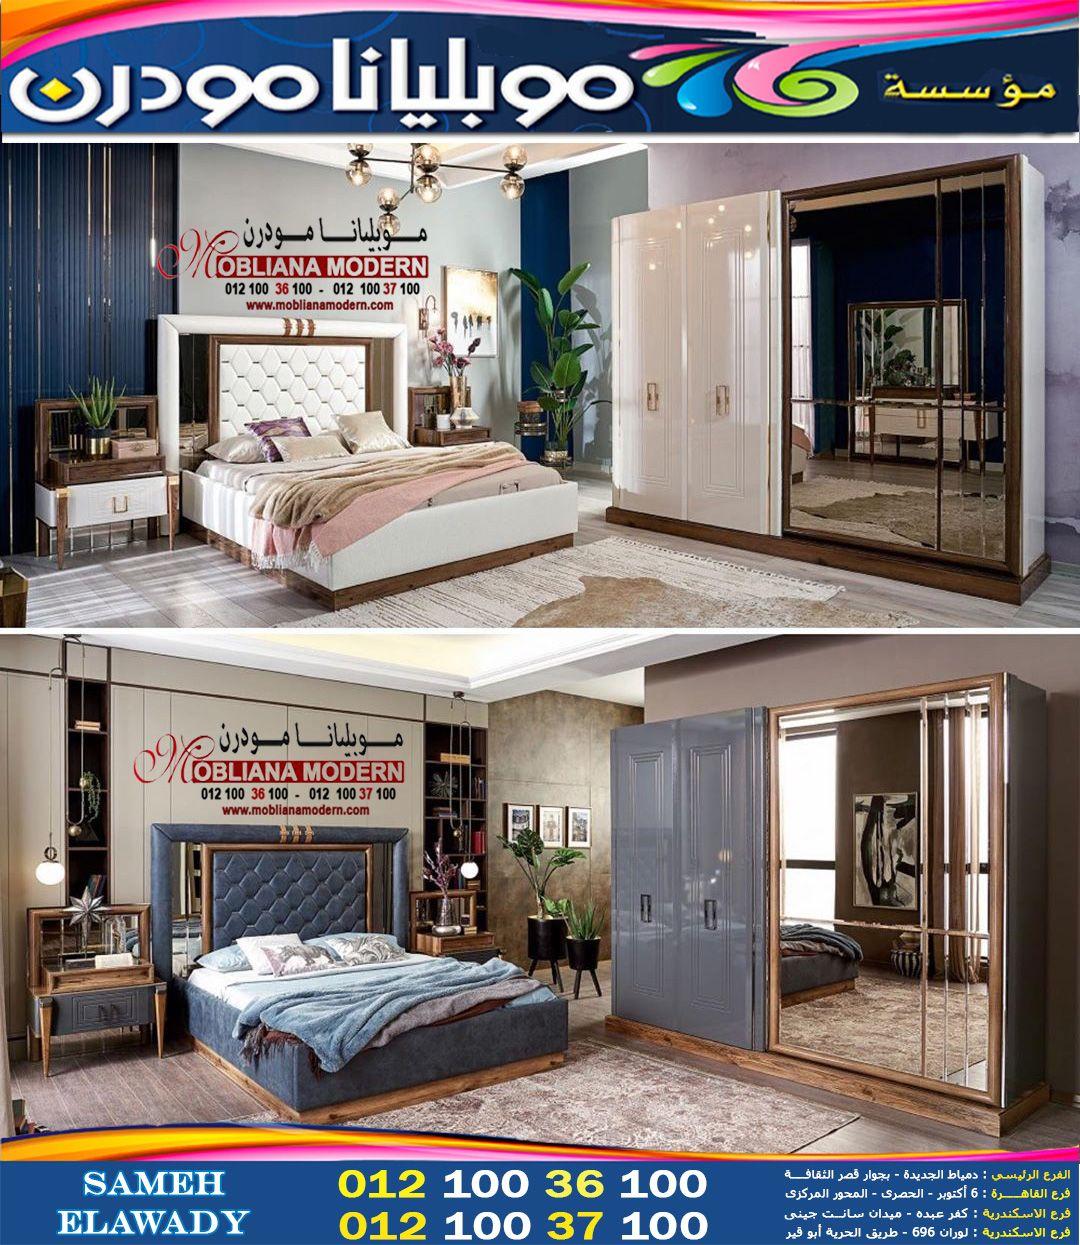 تصميمات مميزه لغرف النوم كتالوج غرف نوم للعرسان مودرن كتالوج غرف نوم للعرسان Loft Bed Home Bed